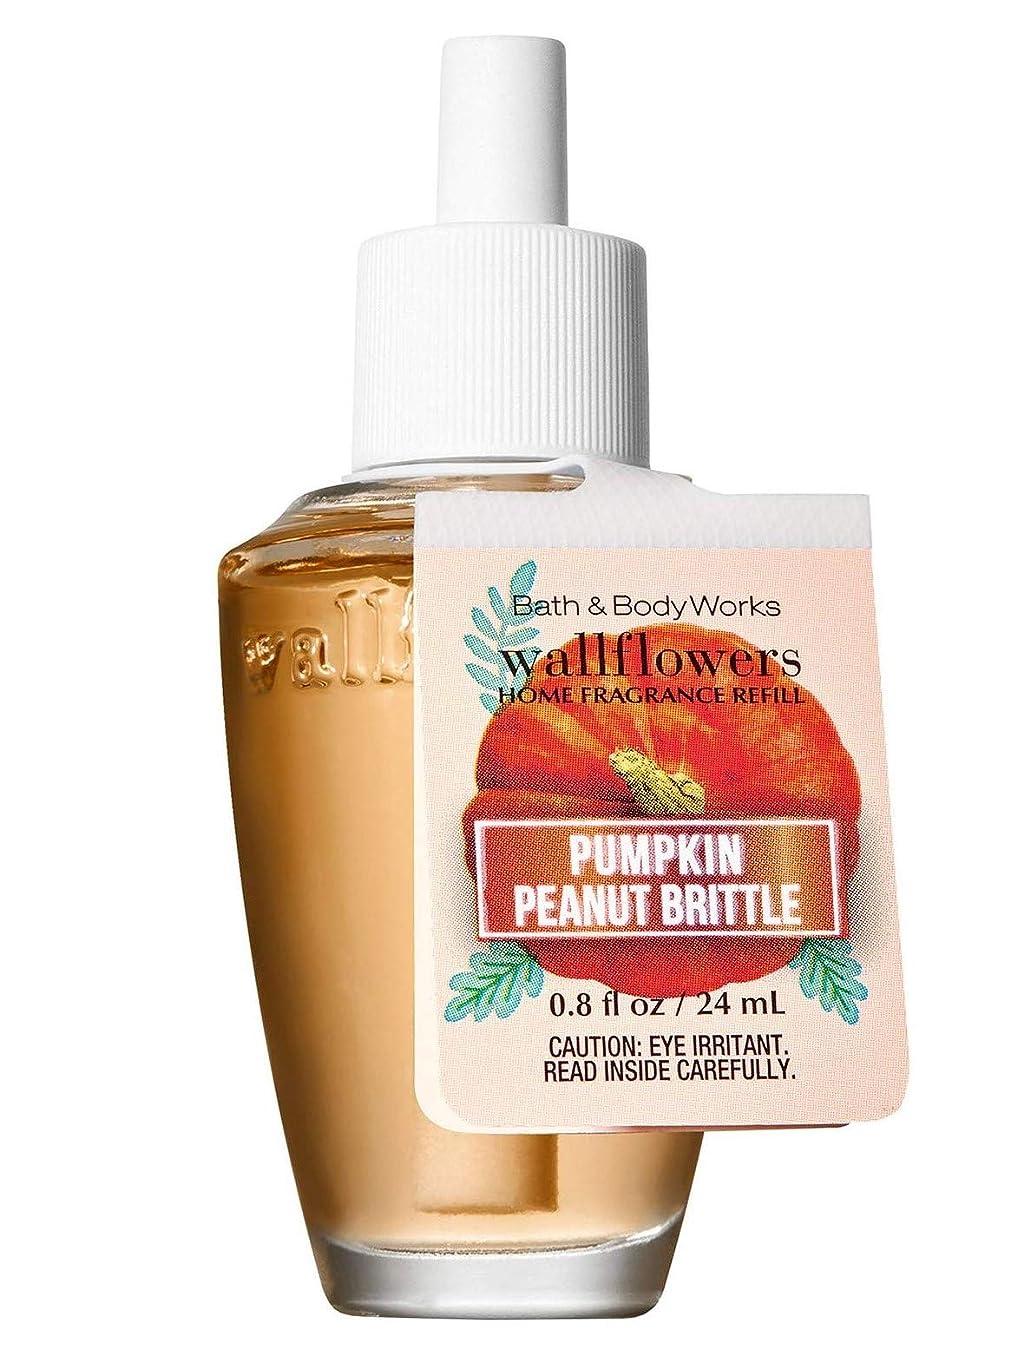 会計士振り返る伝統的【Bath&Body Works/バス&ボディワークス】 ルームフレグランス 詰替えリフィル パンプキンピーナッツブリトル Wallflowers Home Fragrance Refill Pumpkin Peanut Brittle [並行輸入品]